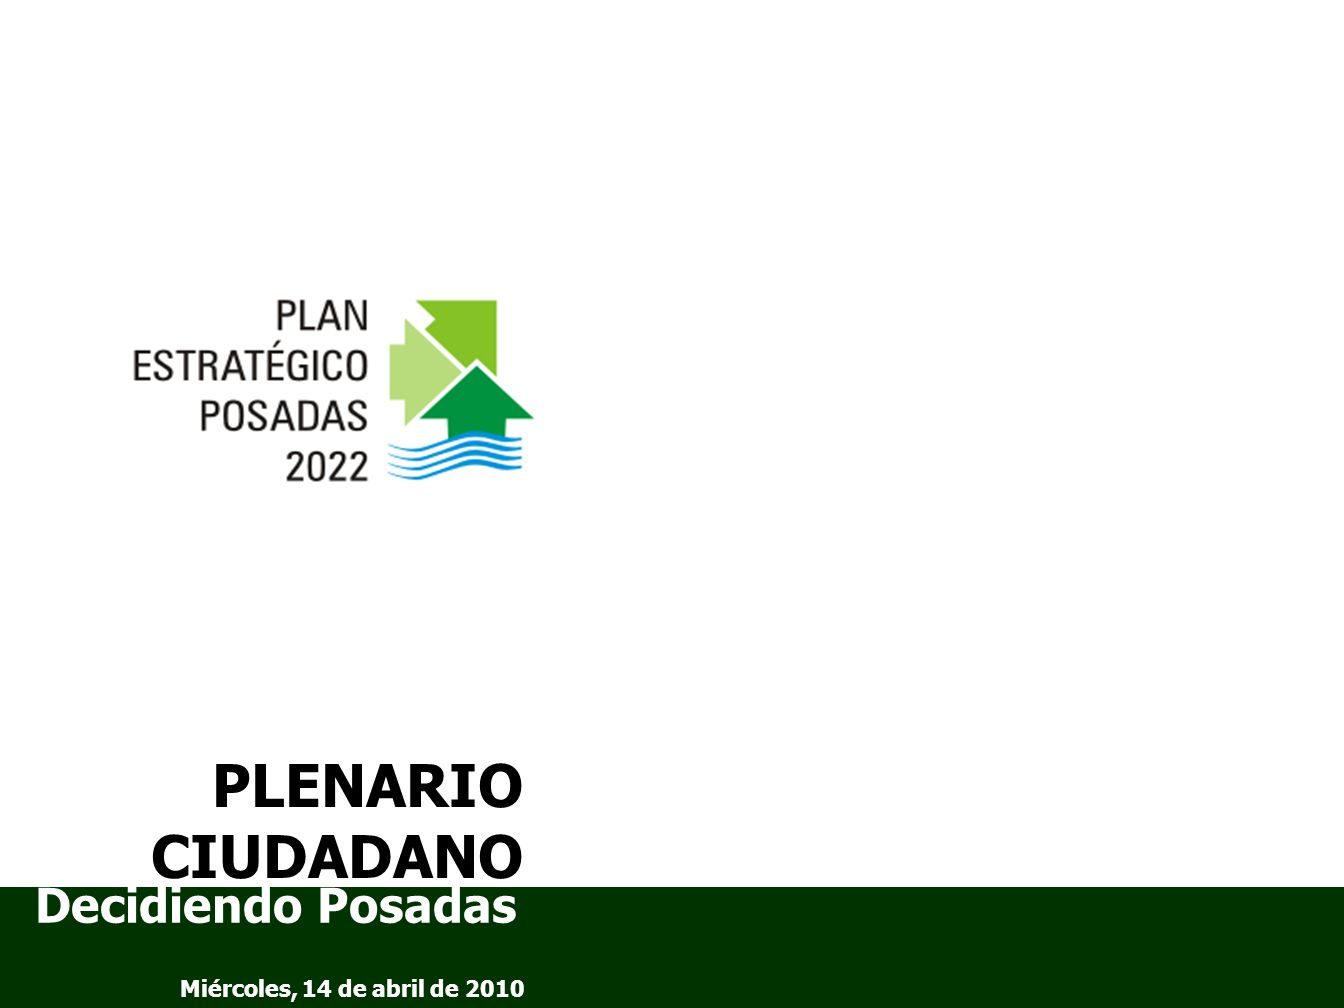 Decidiendo Posadas Miércoles, 14 de abril de 2010 PLENARIO CIUDADANO